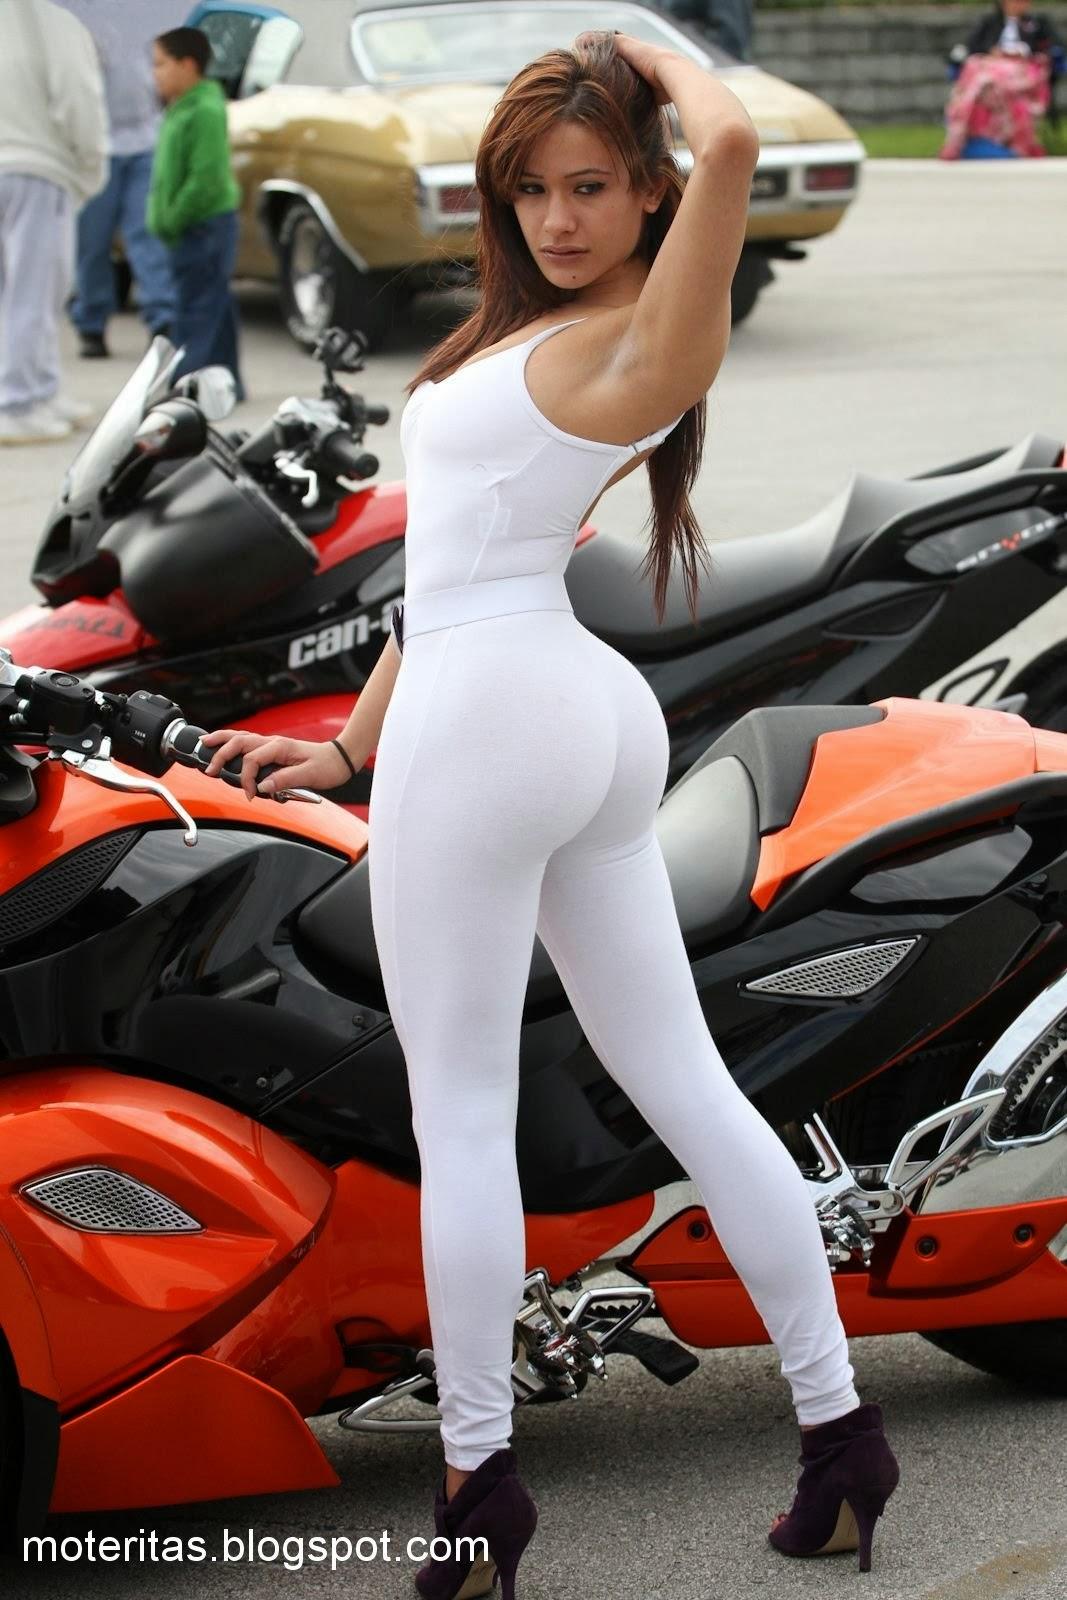 Motos Hd Promotoras Calzas Bellas Lindaswallpaper Moteras